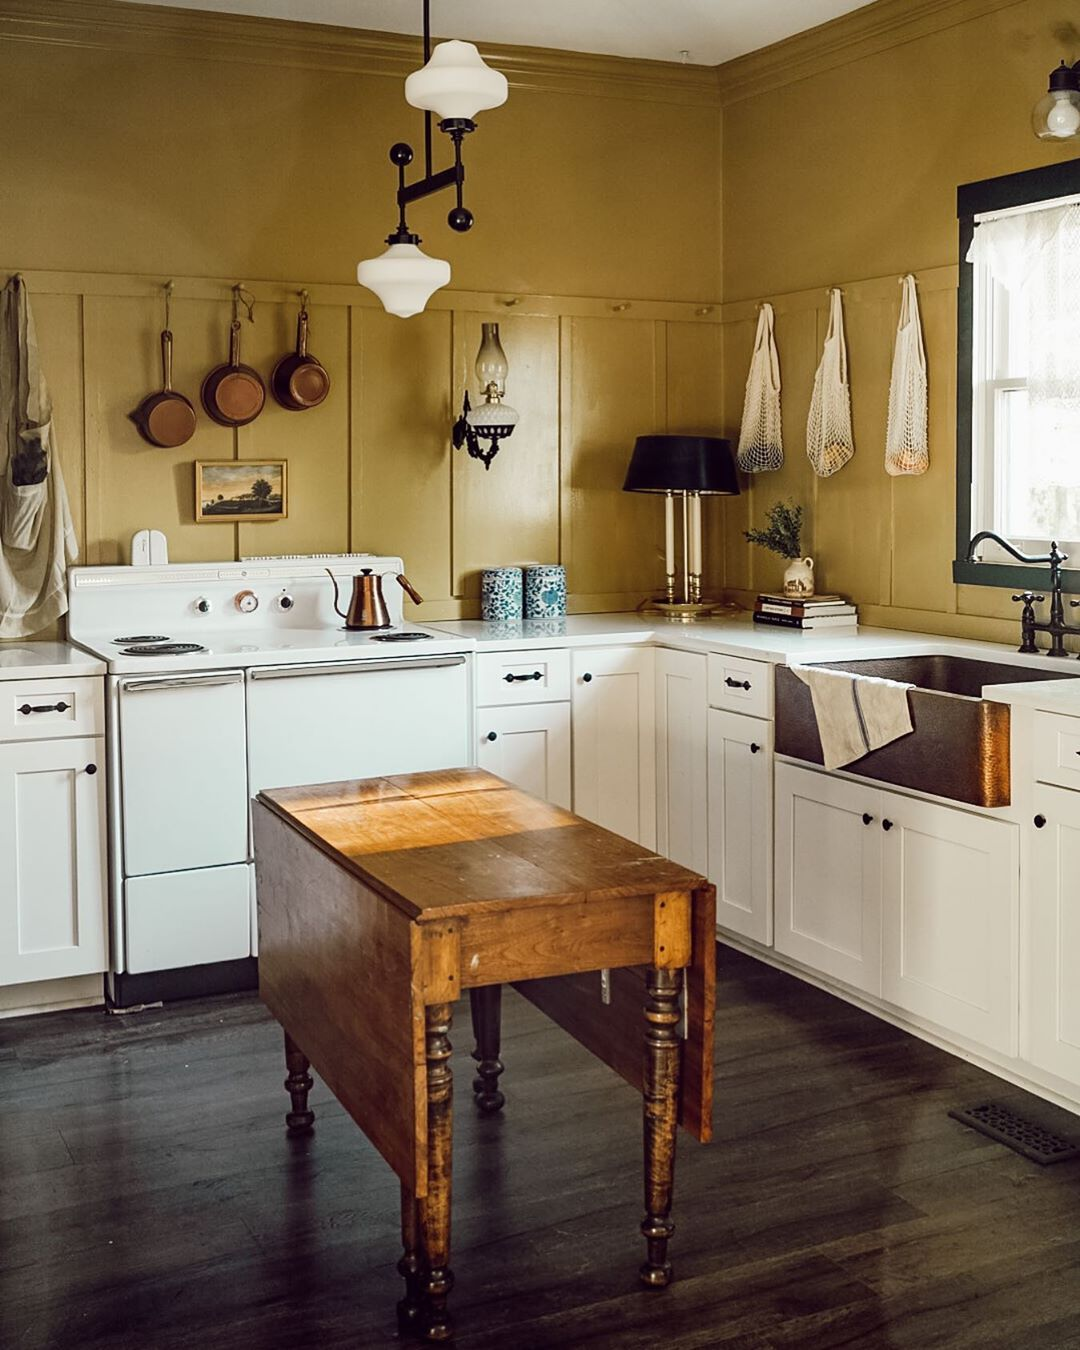 Pin On Vintage Farmhouse Kitchen